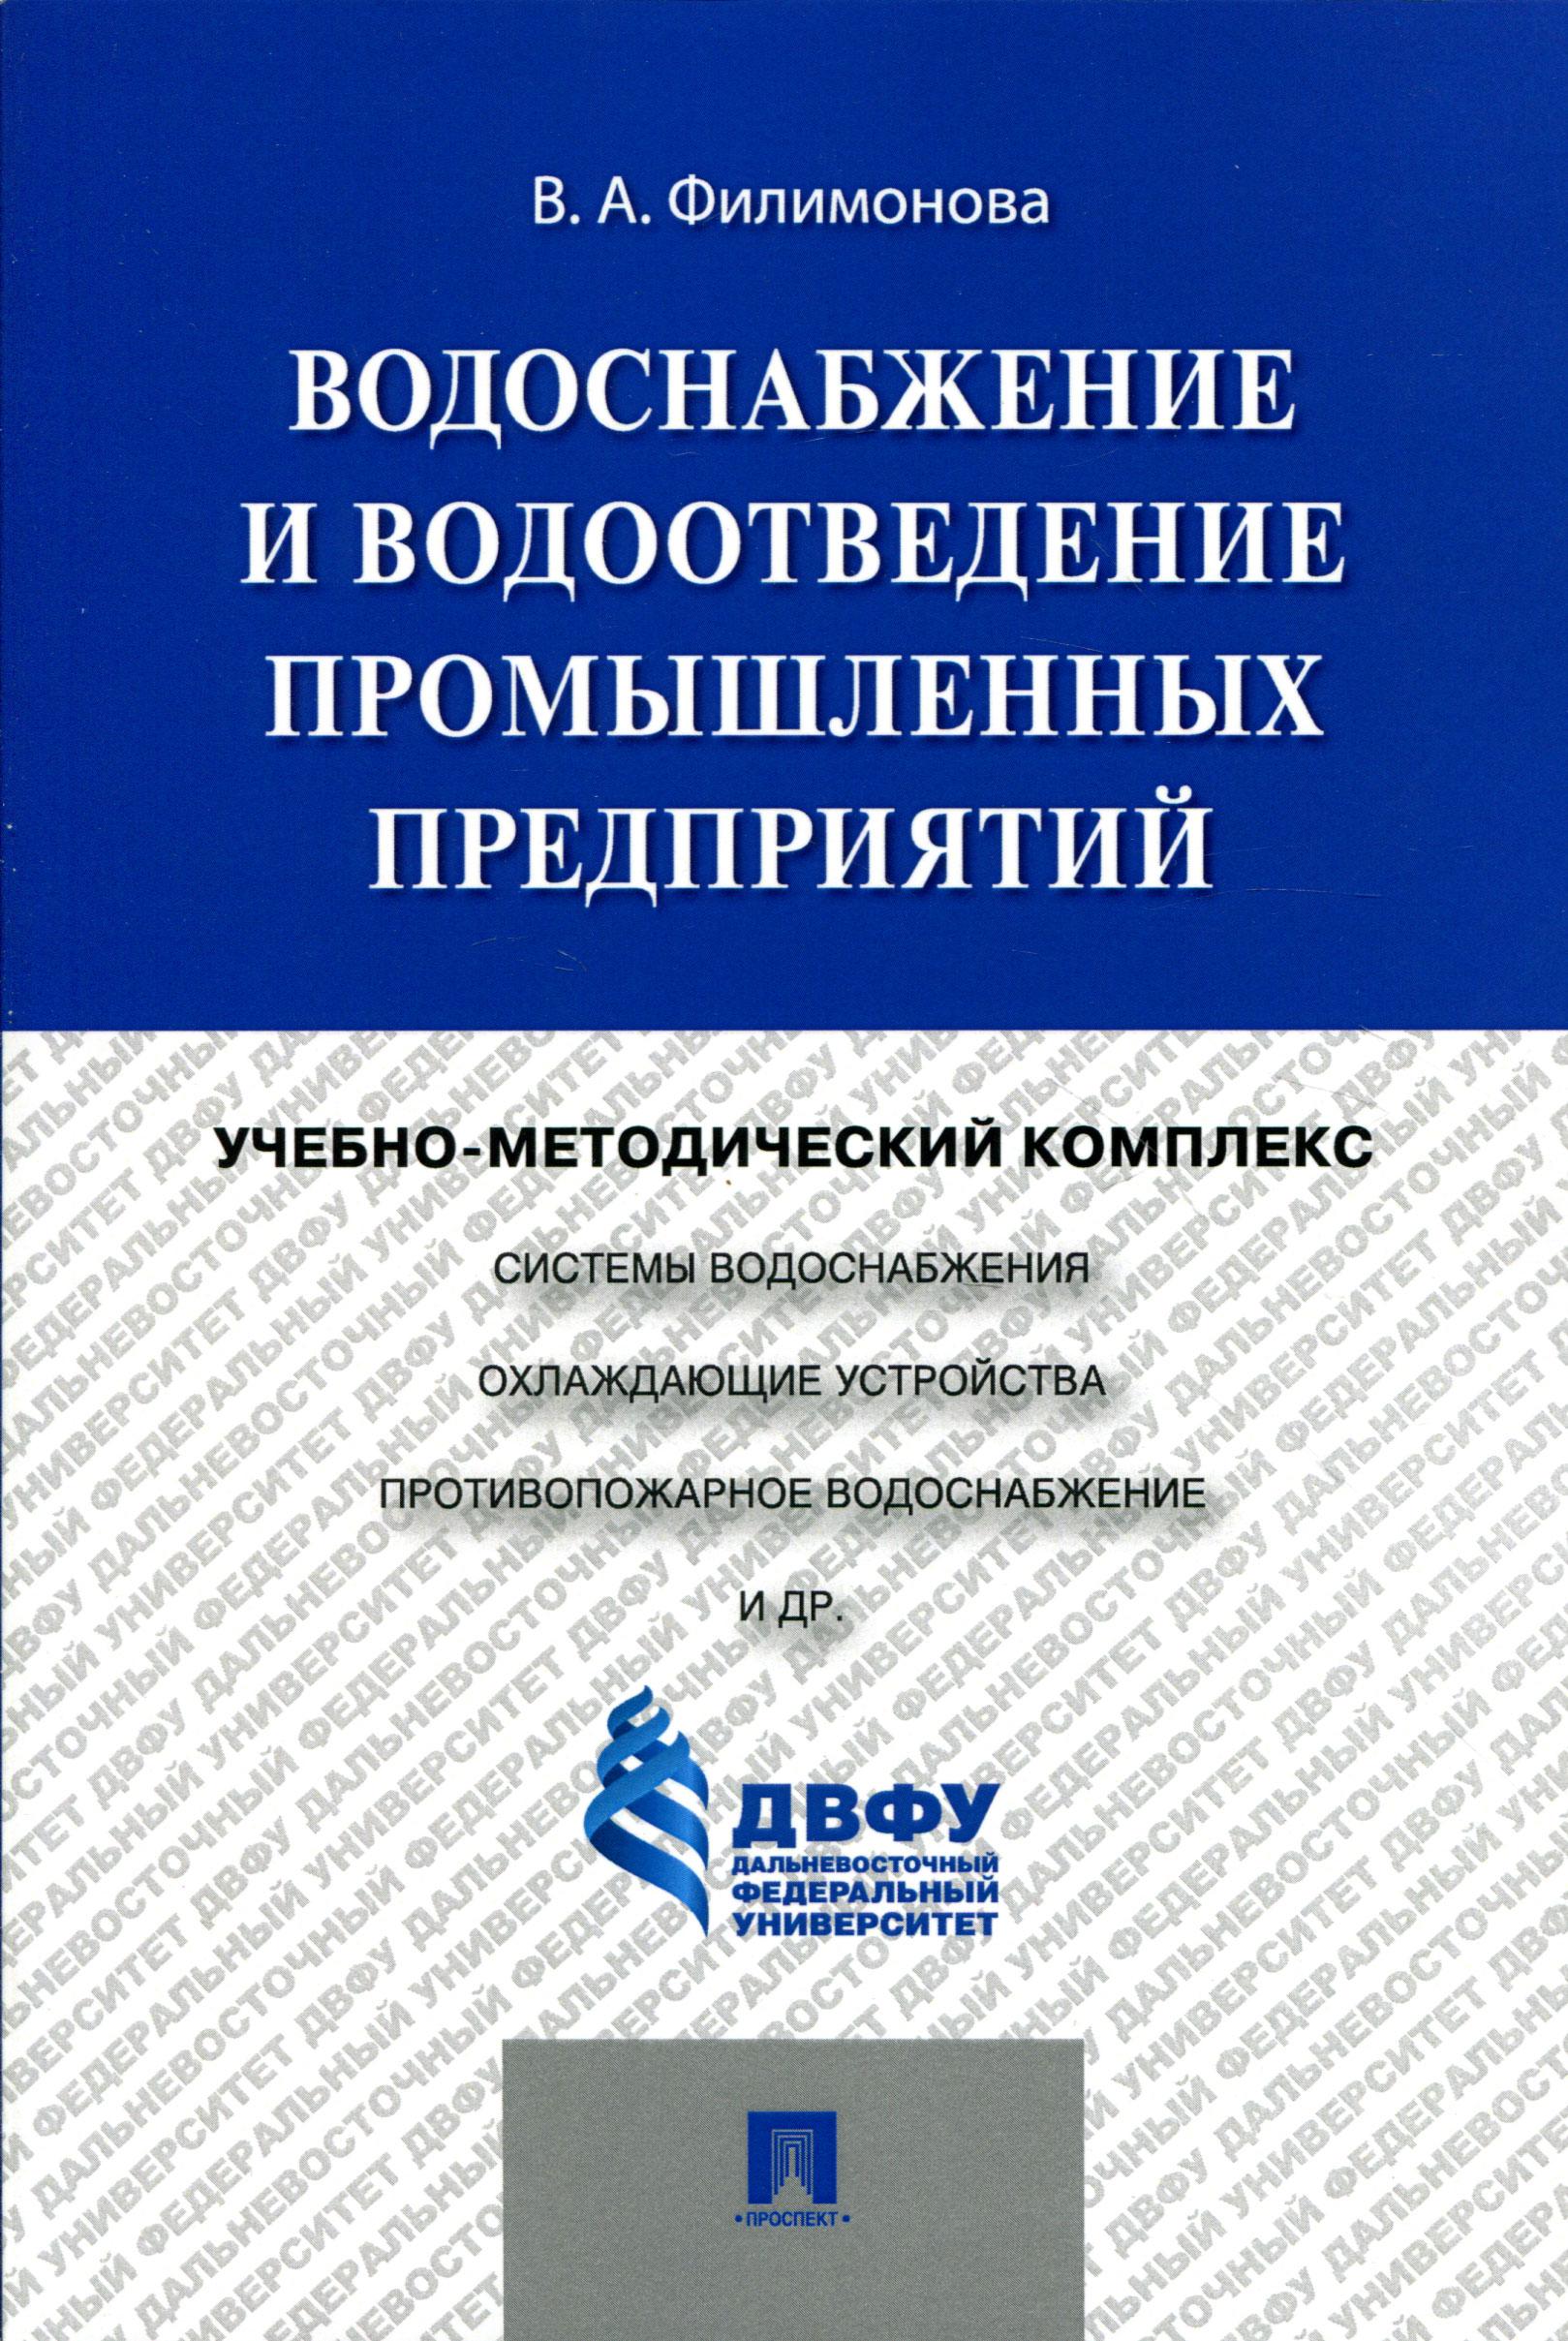 Водоснабжение и водоотведение промышленных предприятий. Учебно-методический комплекс ( 978-5-392-19209-0 )